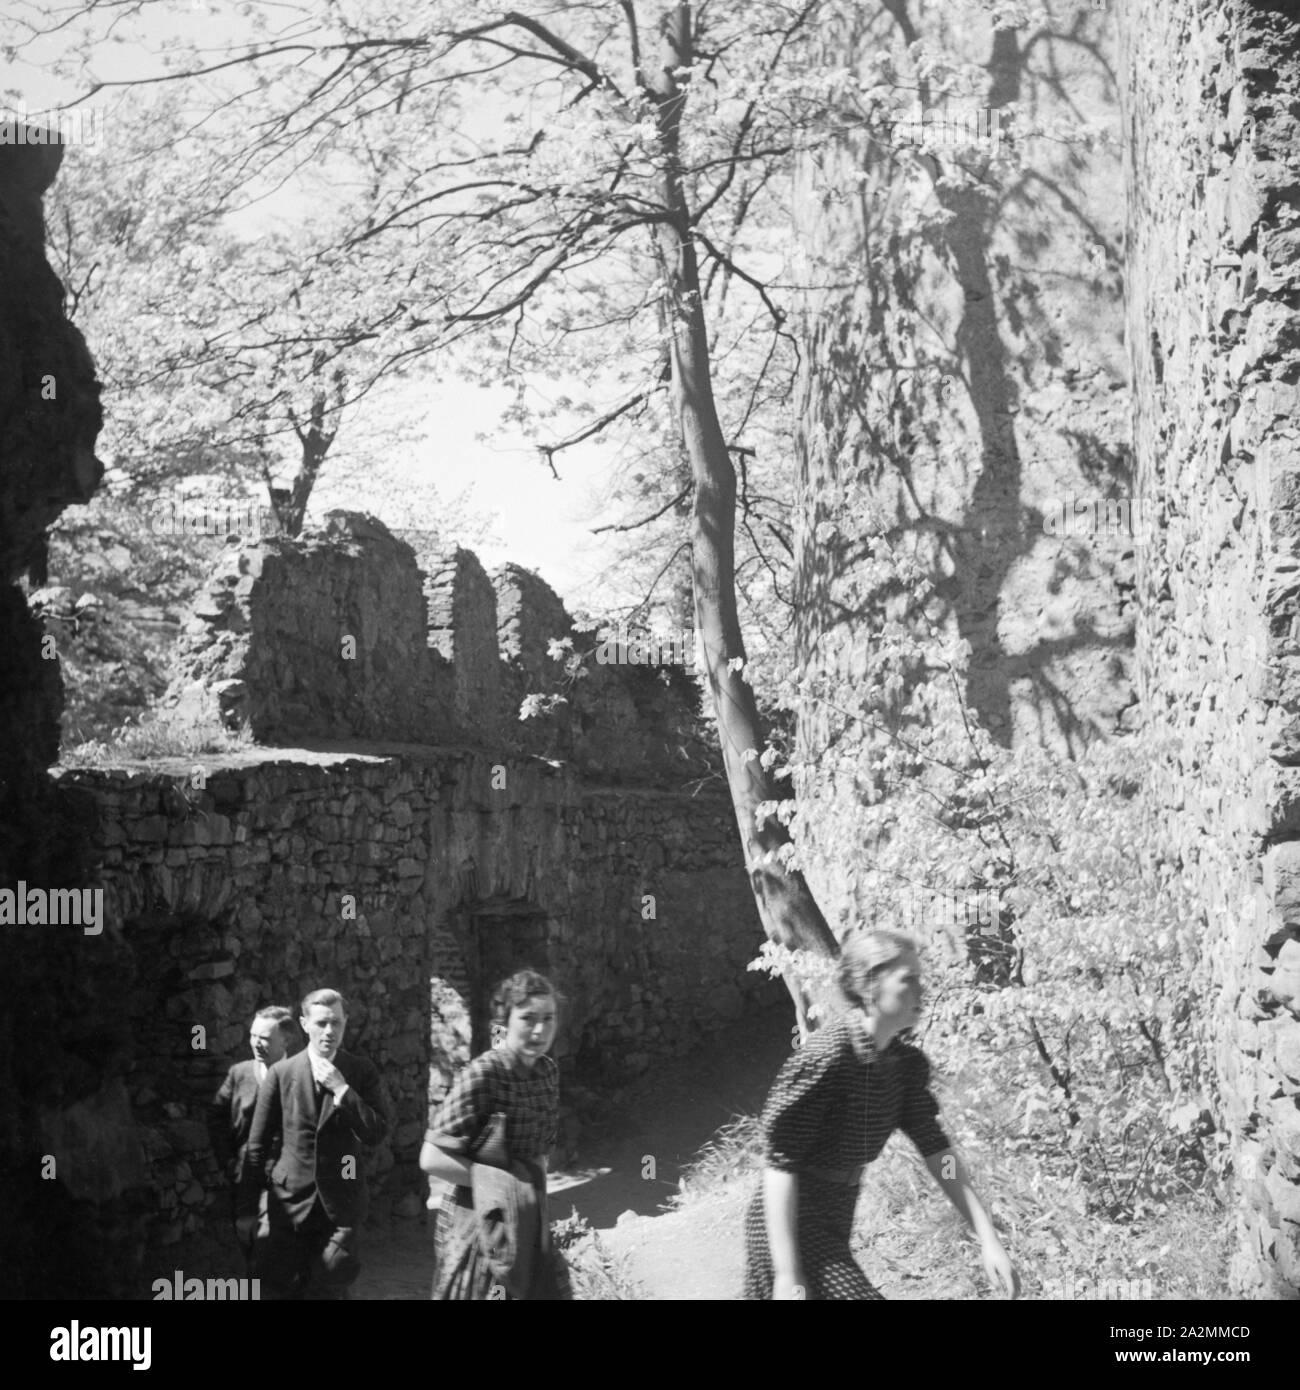 Besichtigungstour auf Schloss Auerbach im Odenwald, Deutschland 1930er Jahre. Sightseeing tour at Auerbach castle in the Odenwald region, Germany 1930s. Stock Photo